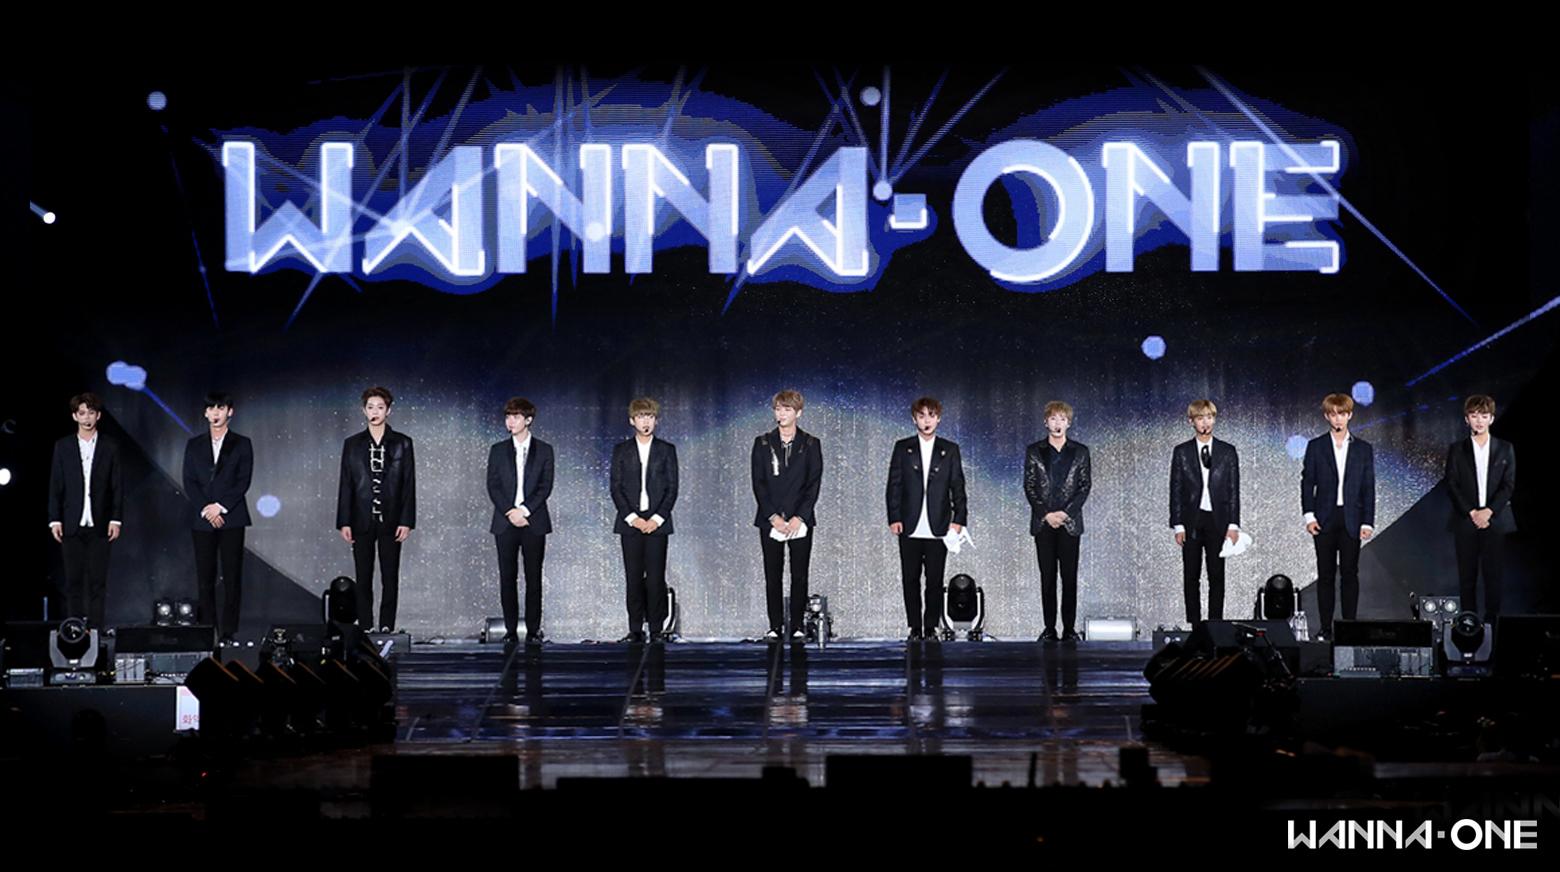 Le Premier Show-con du groupe Wanna One